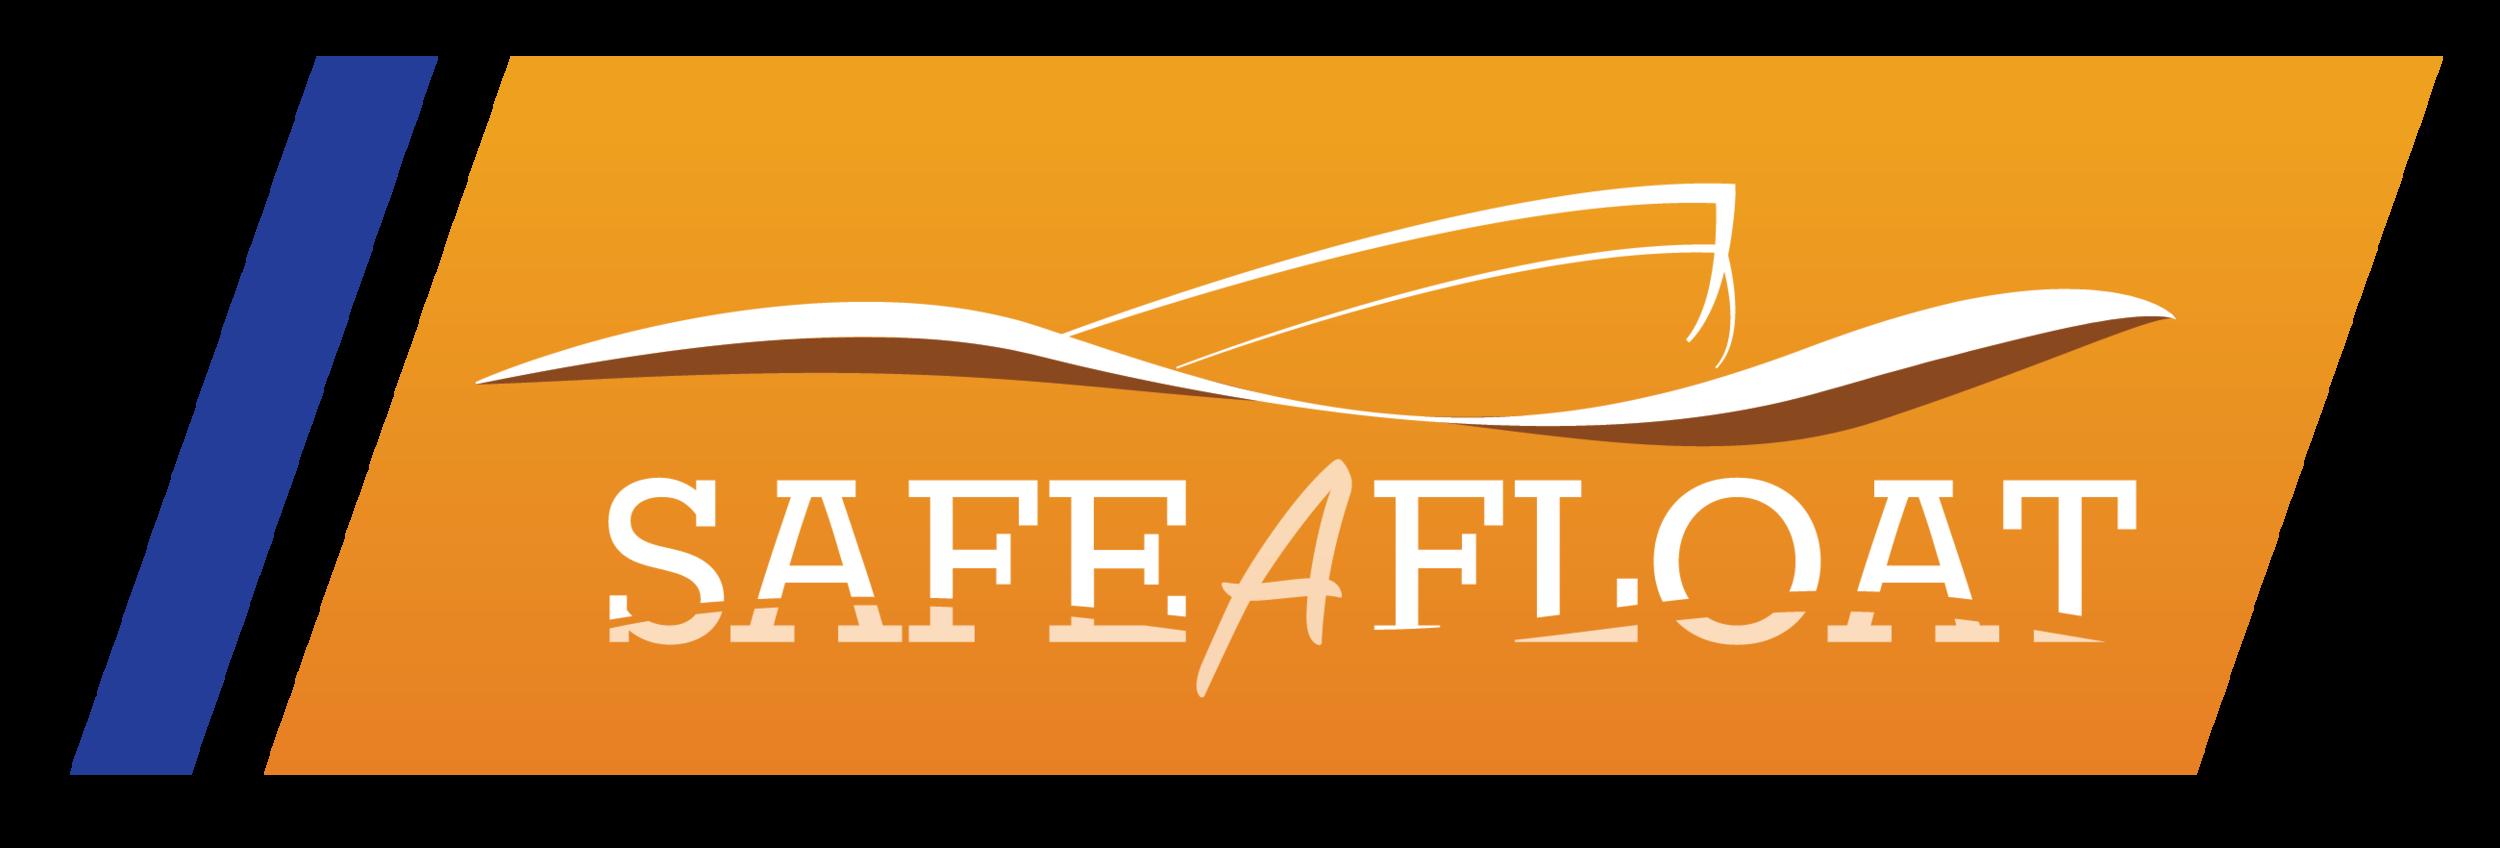 safeafloat logo 2-01.png